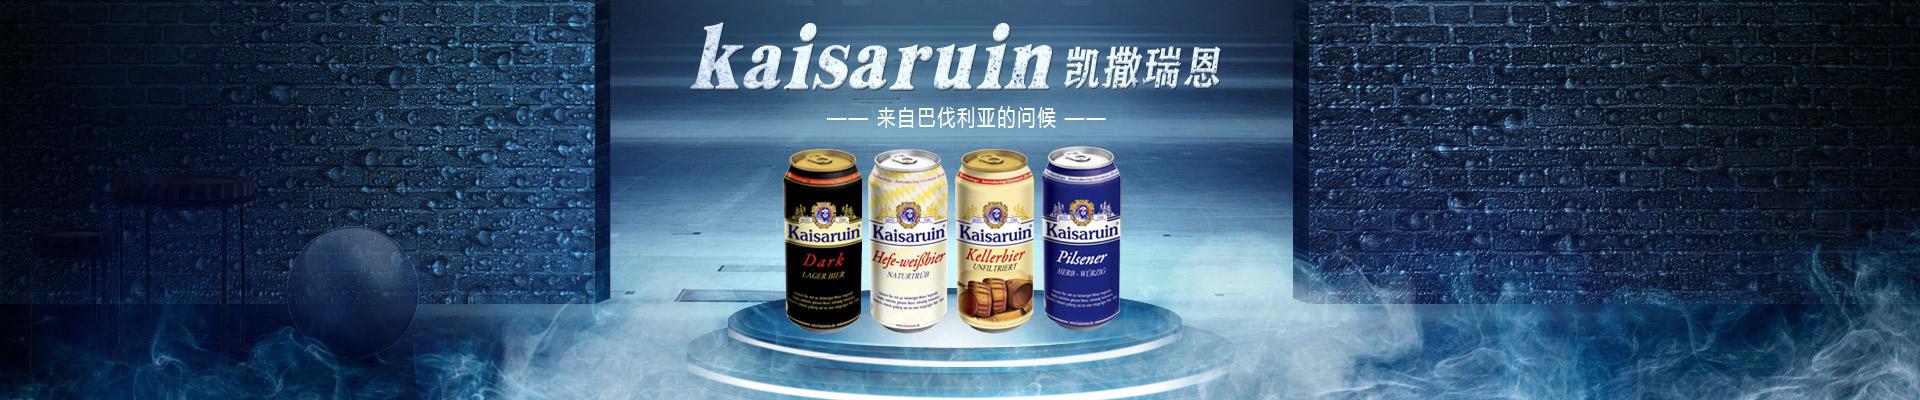 德国kaisaruin(凯撒瑞恩)啤酒